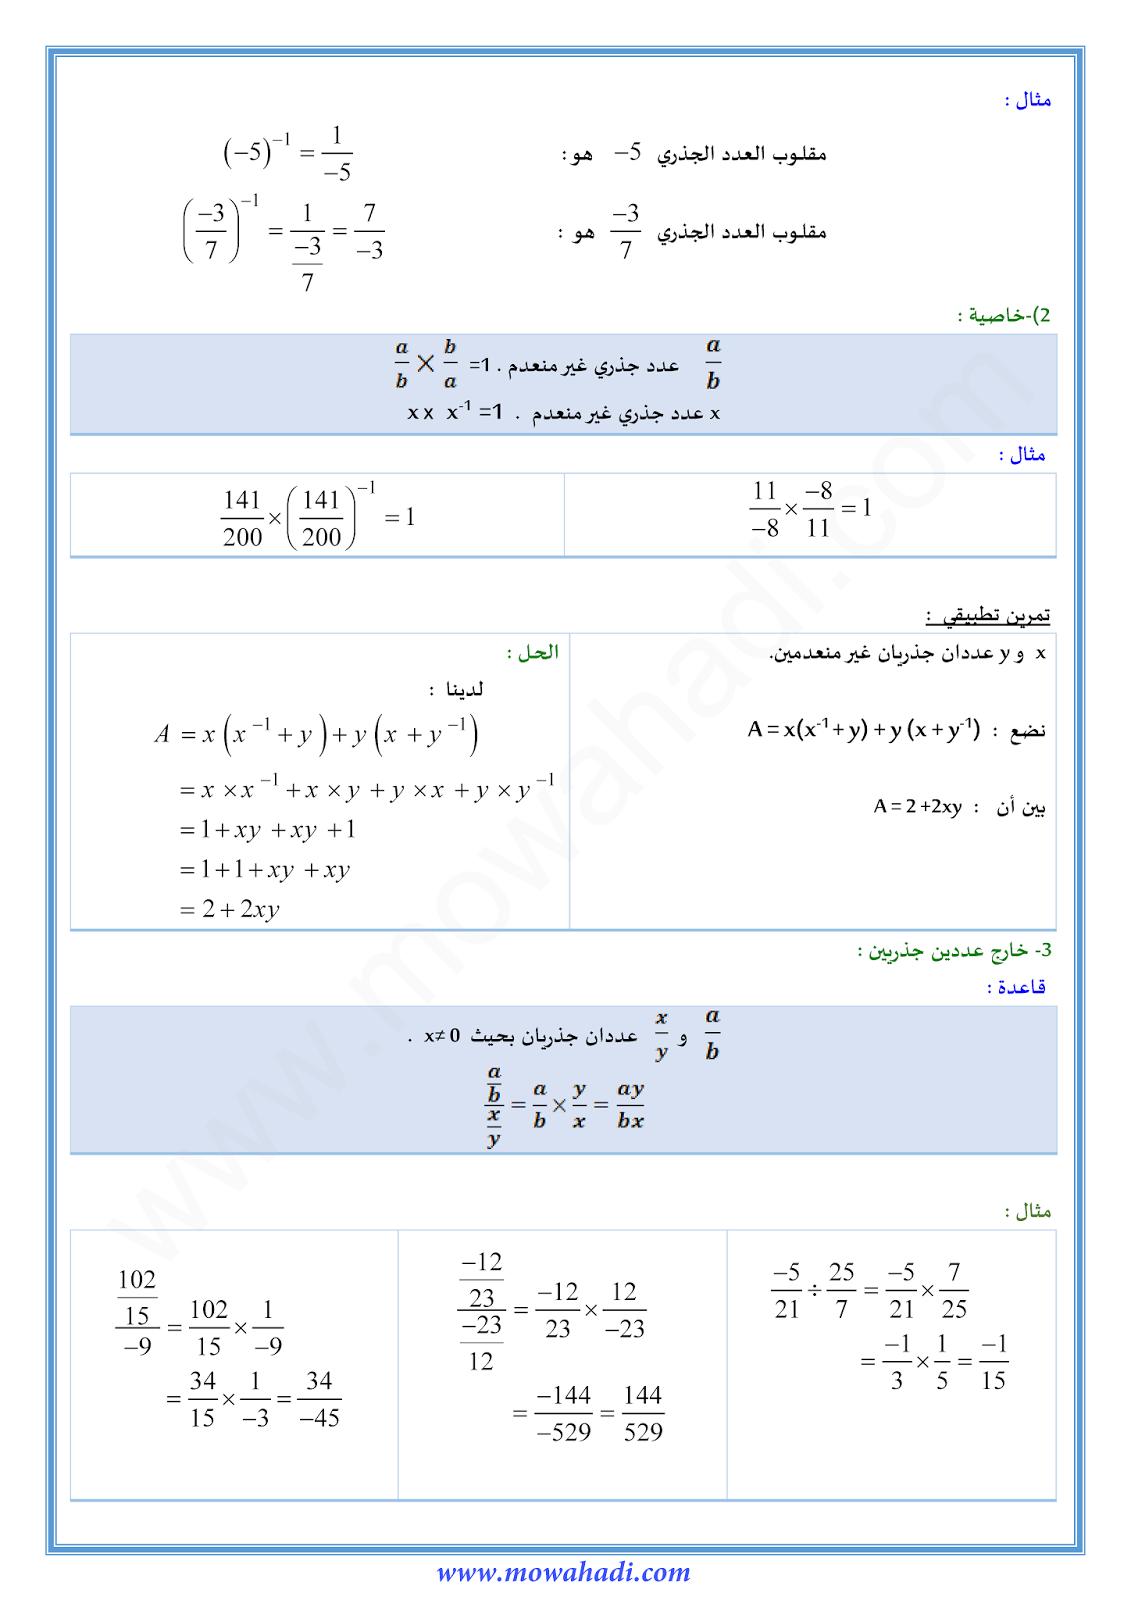 جداء و خارج عددين جذريين في الرياضيات